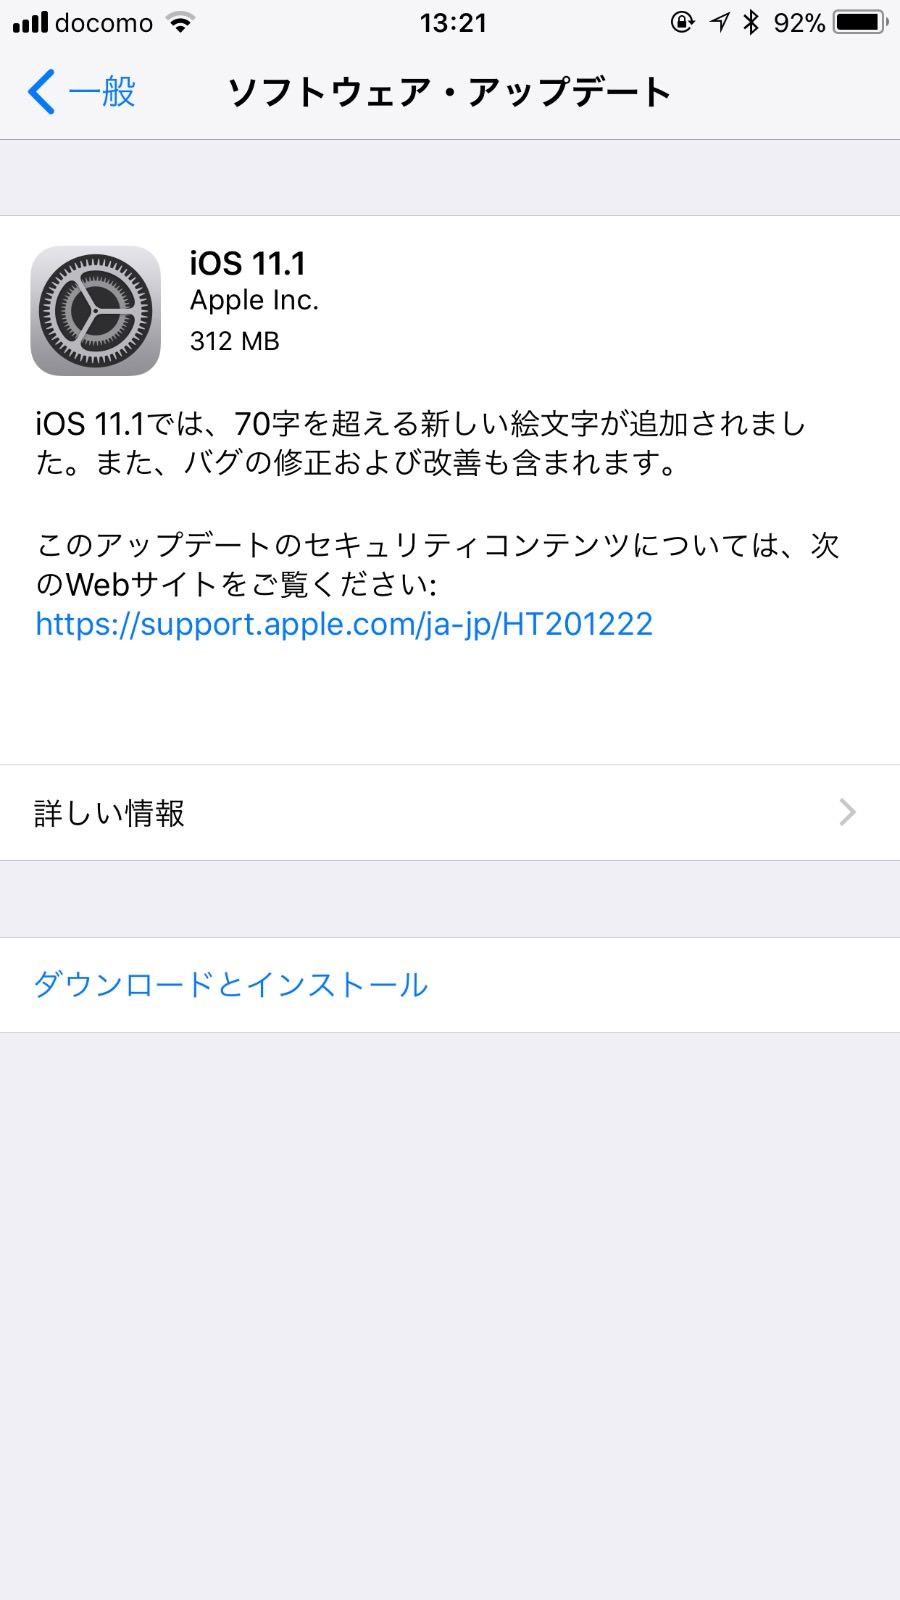 「iOS 11.1 ソフトウェアアップデート」リリース 〜新しい絵文字の追加やバグ修正など